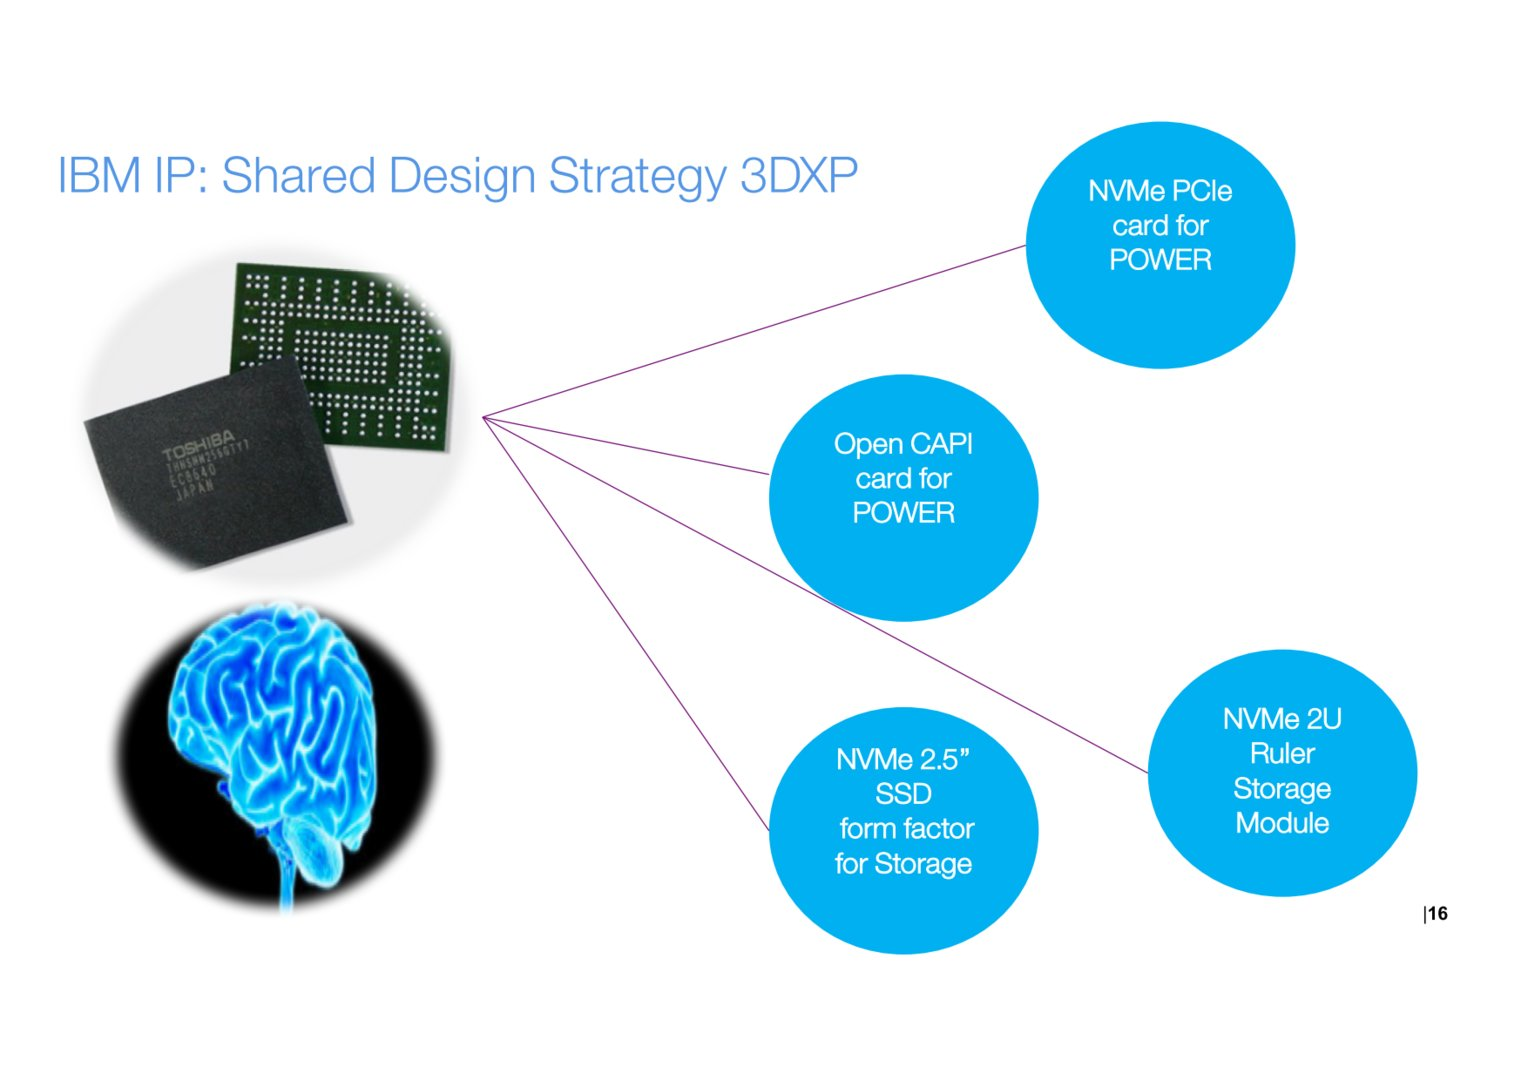 IBM plant auch bereits mit Ruler Storage Modules